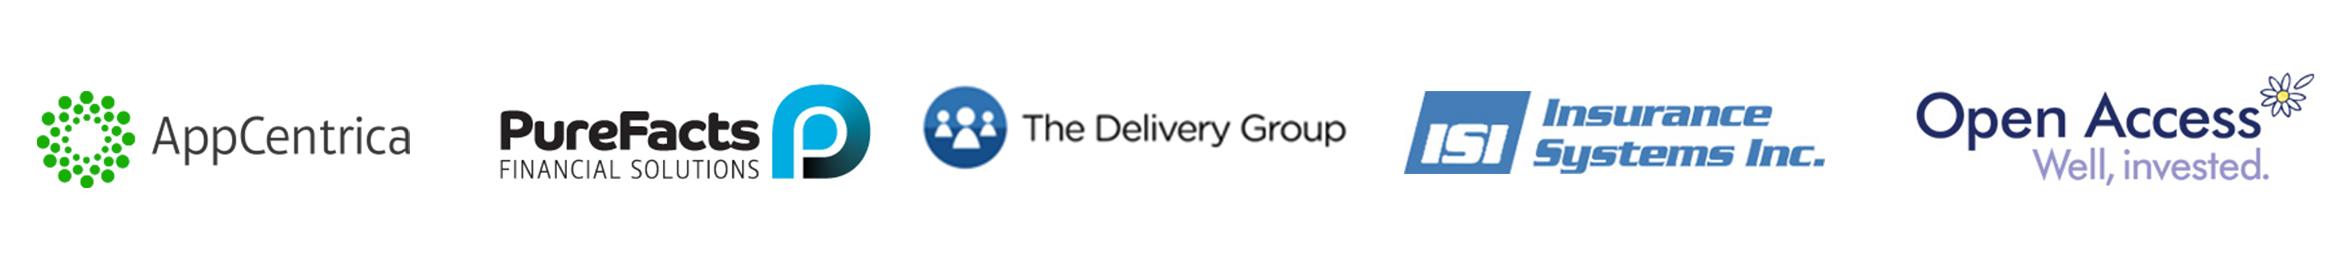 Logo-slide2.jpg